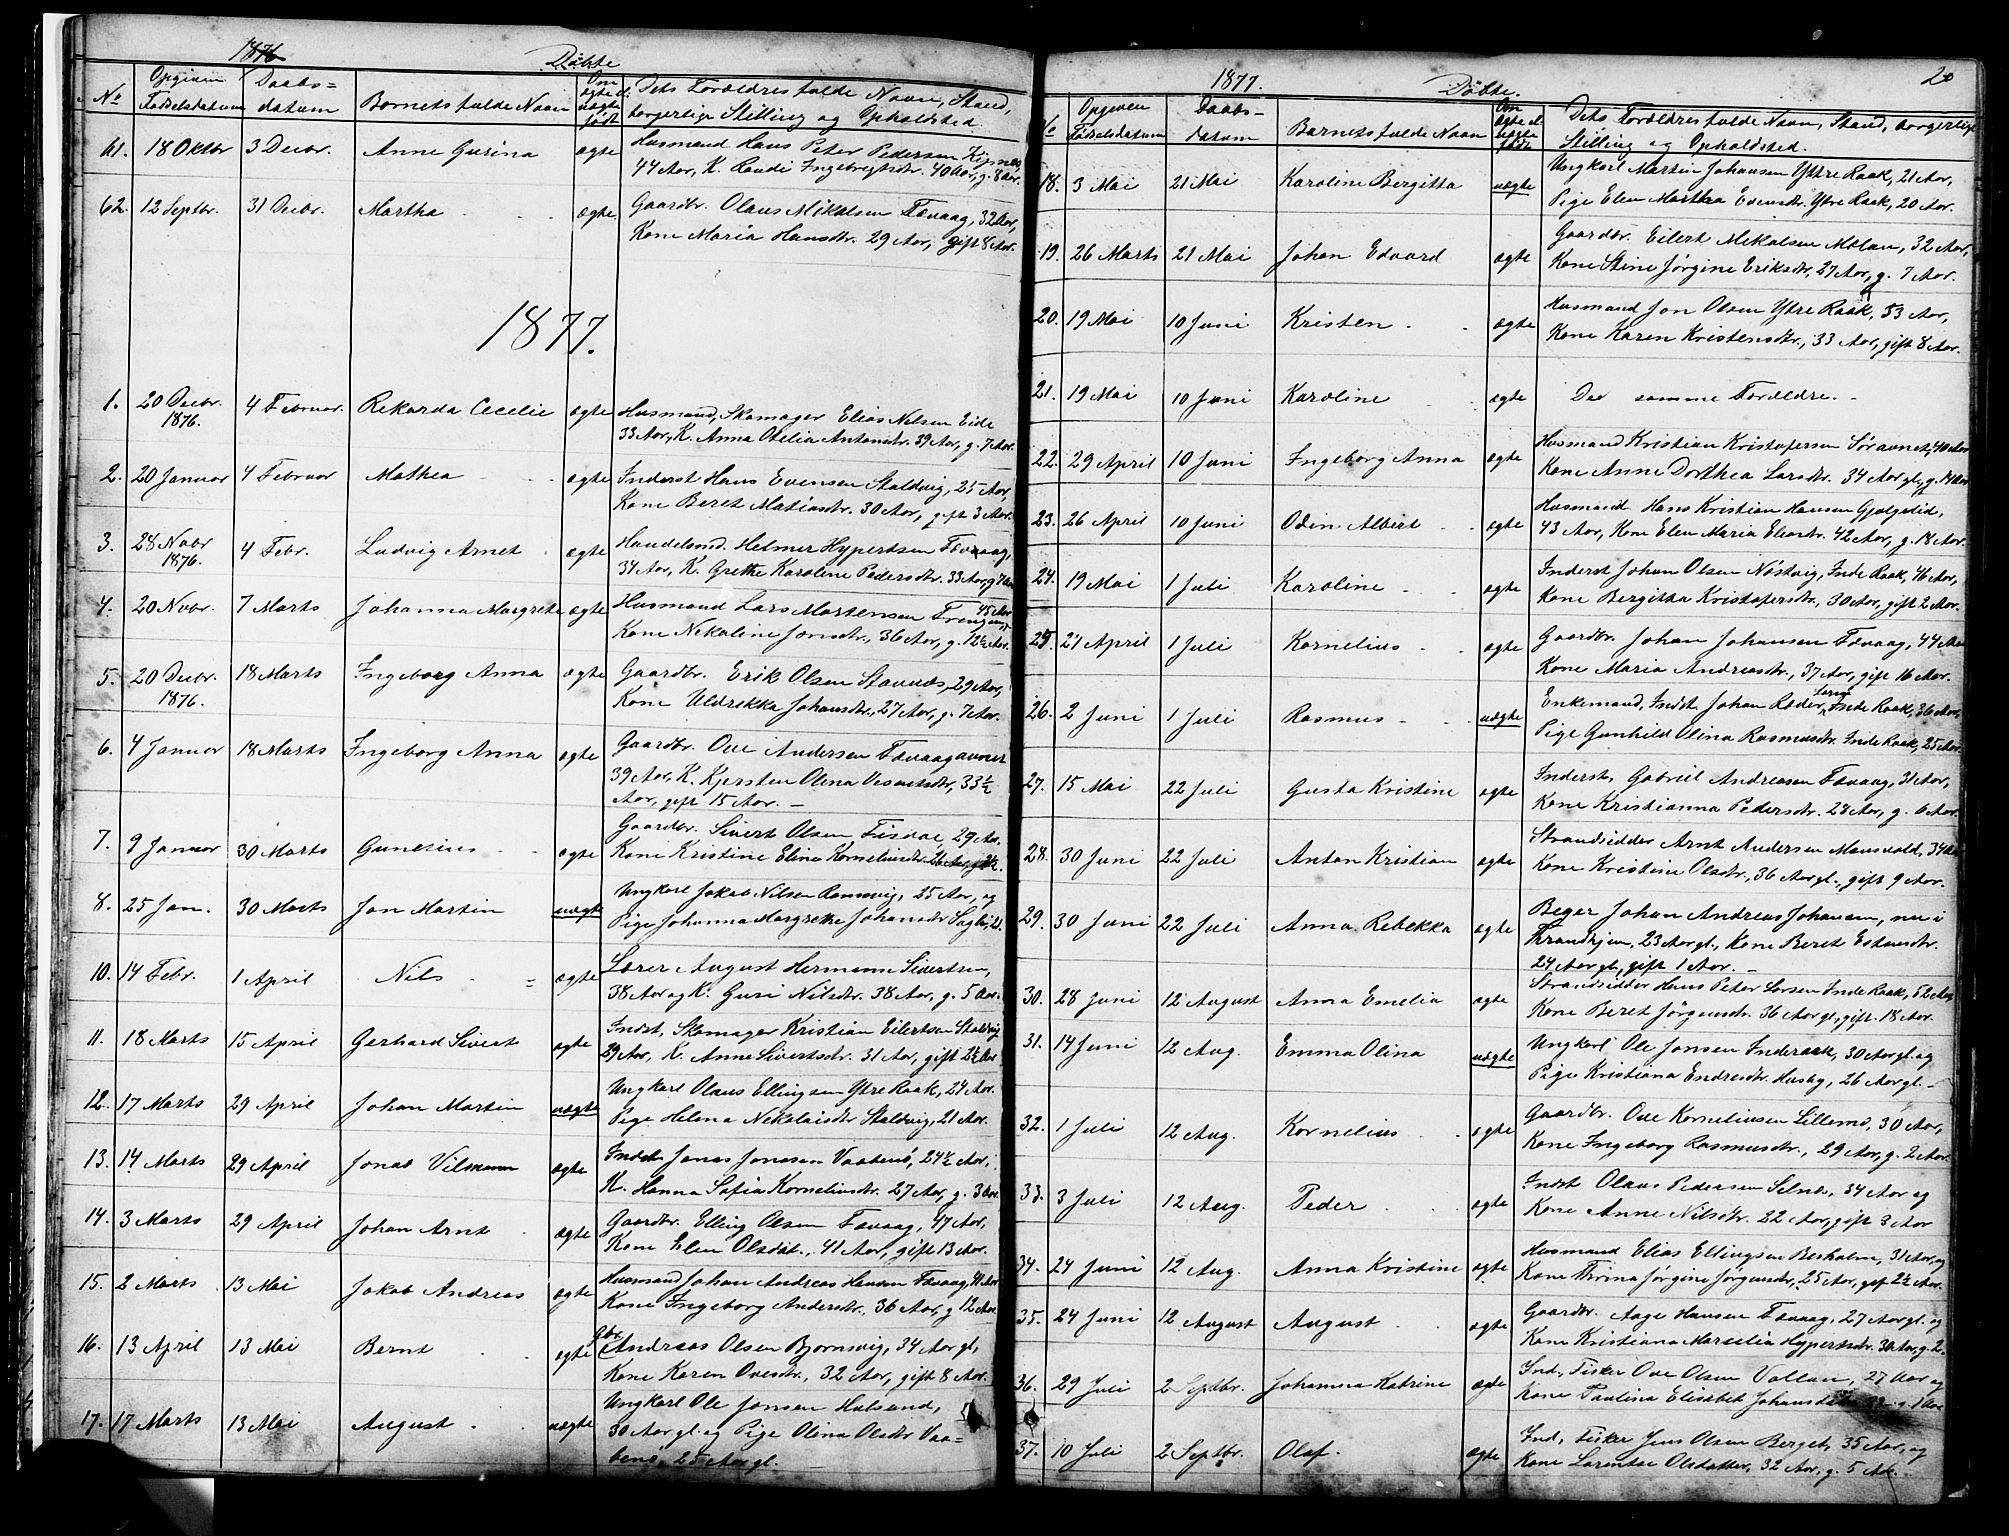 SAT, Ministerialprotokoller, klokkerbøker og fødselsregistre - Sør-Trøndelag, 653/L0657: Klokkerbok nr. 653C01, 1866-1893, s. 20